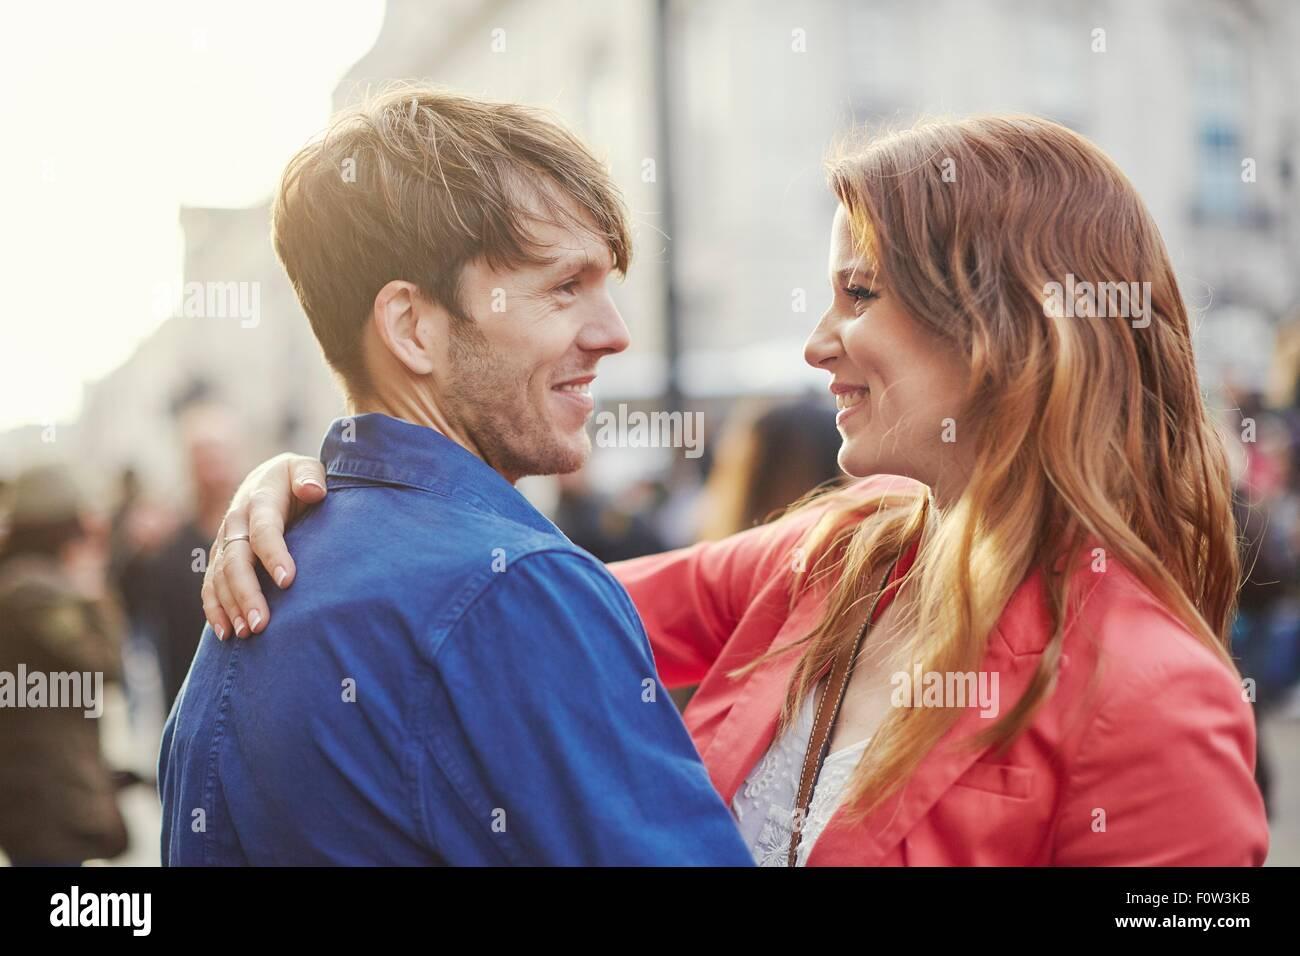 Romantisch zu zweit von Angesicht zu Angesicht auf Straße, London, UK Stockbild